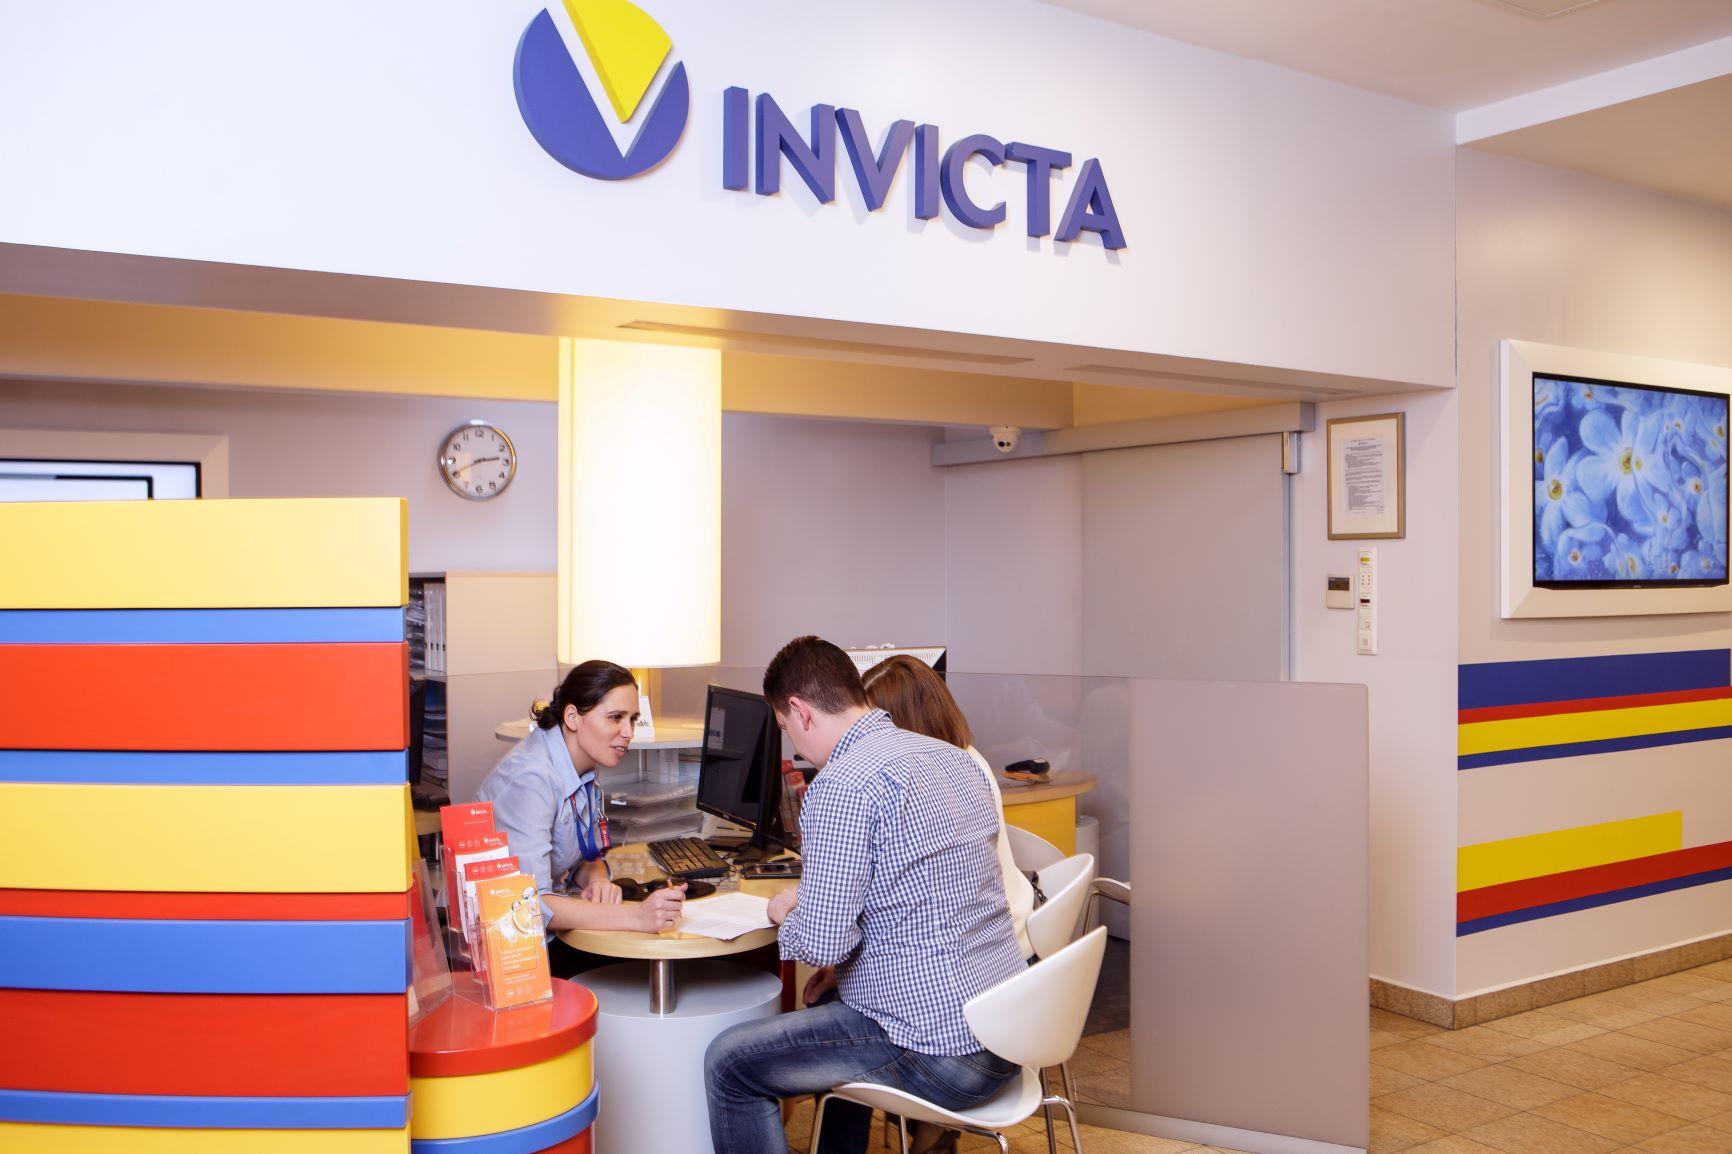 Bezpłatne konsultacje w klinice Invicta